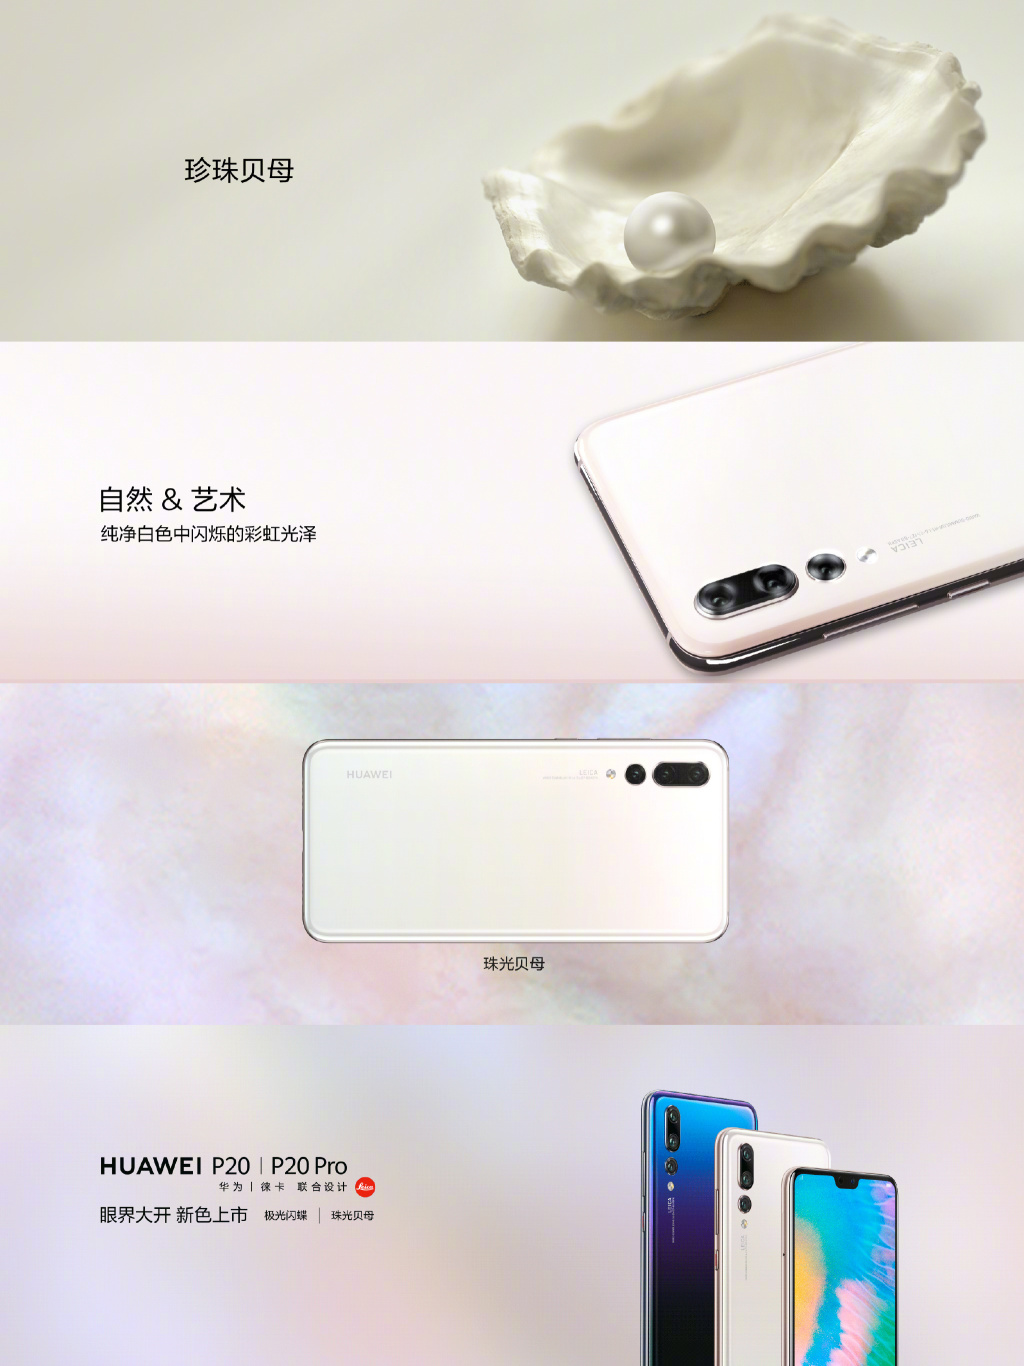 华为首款8GB内存手机上市 看到价格我惊了